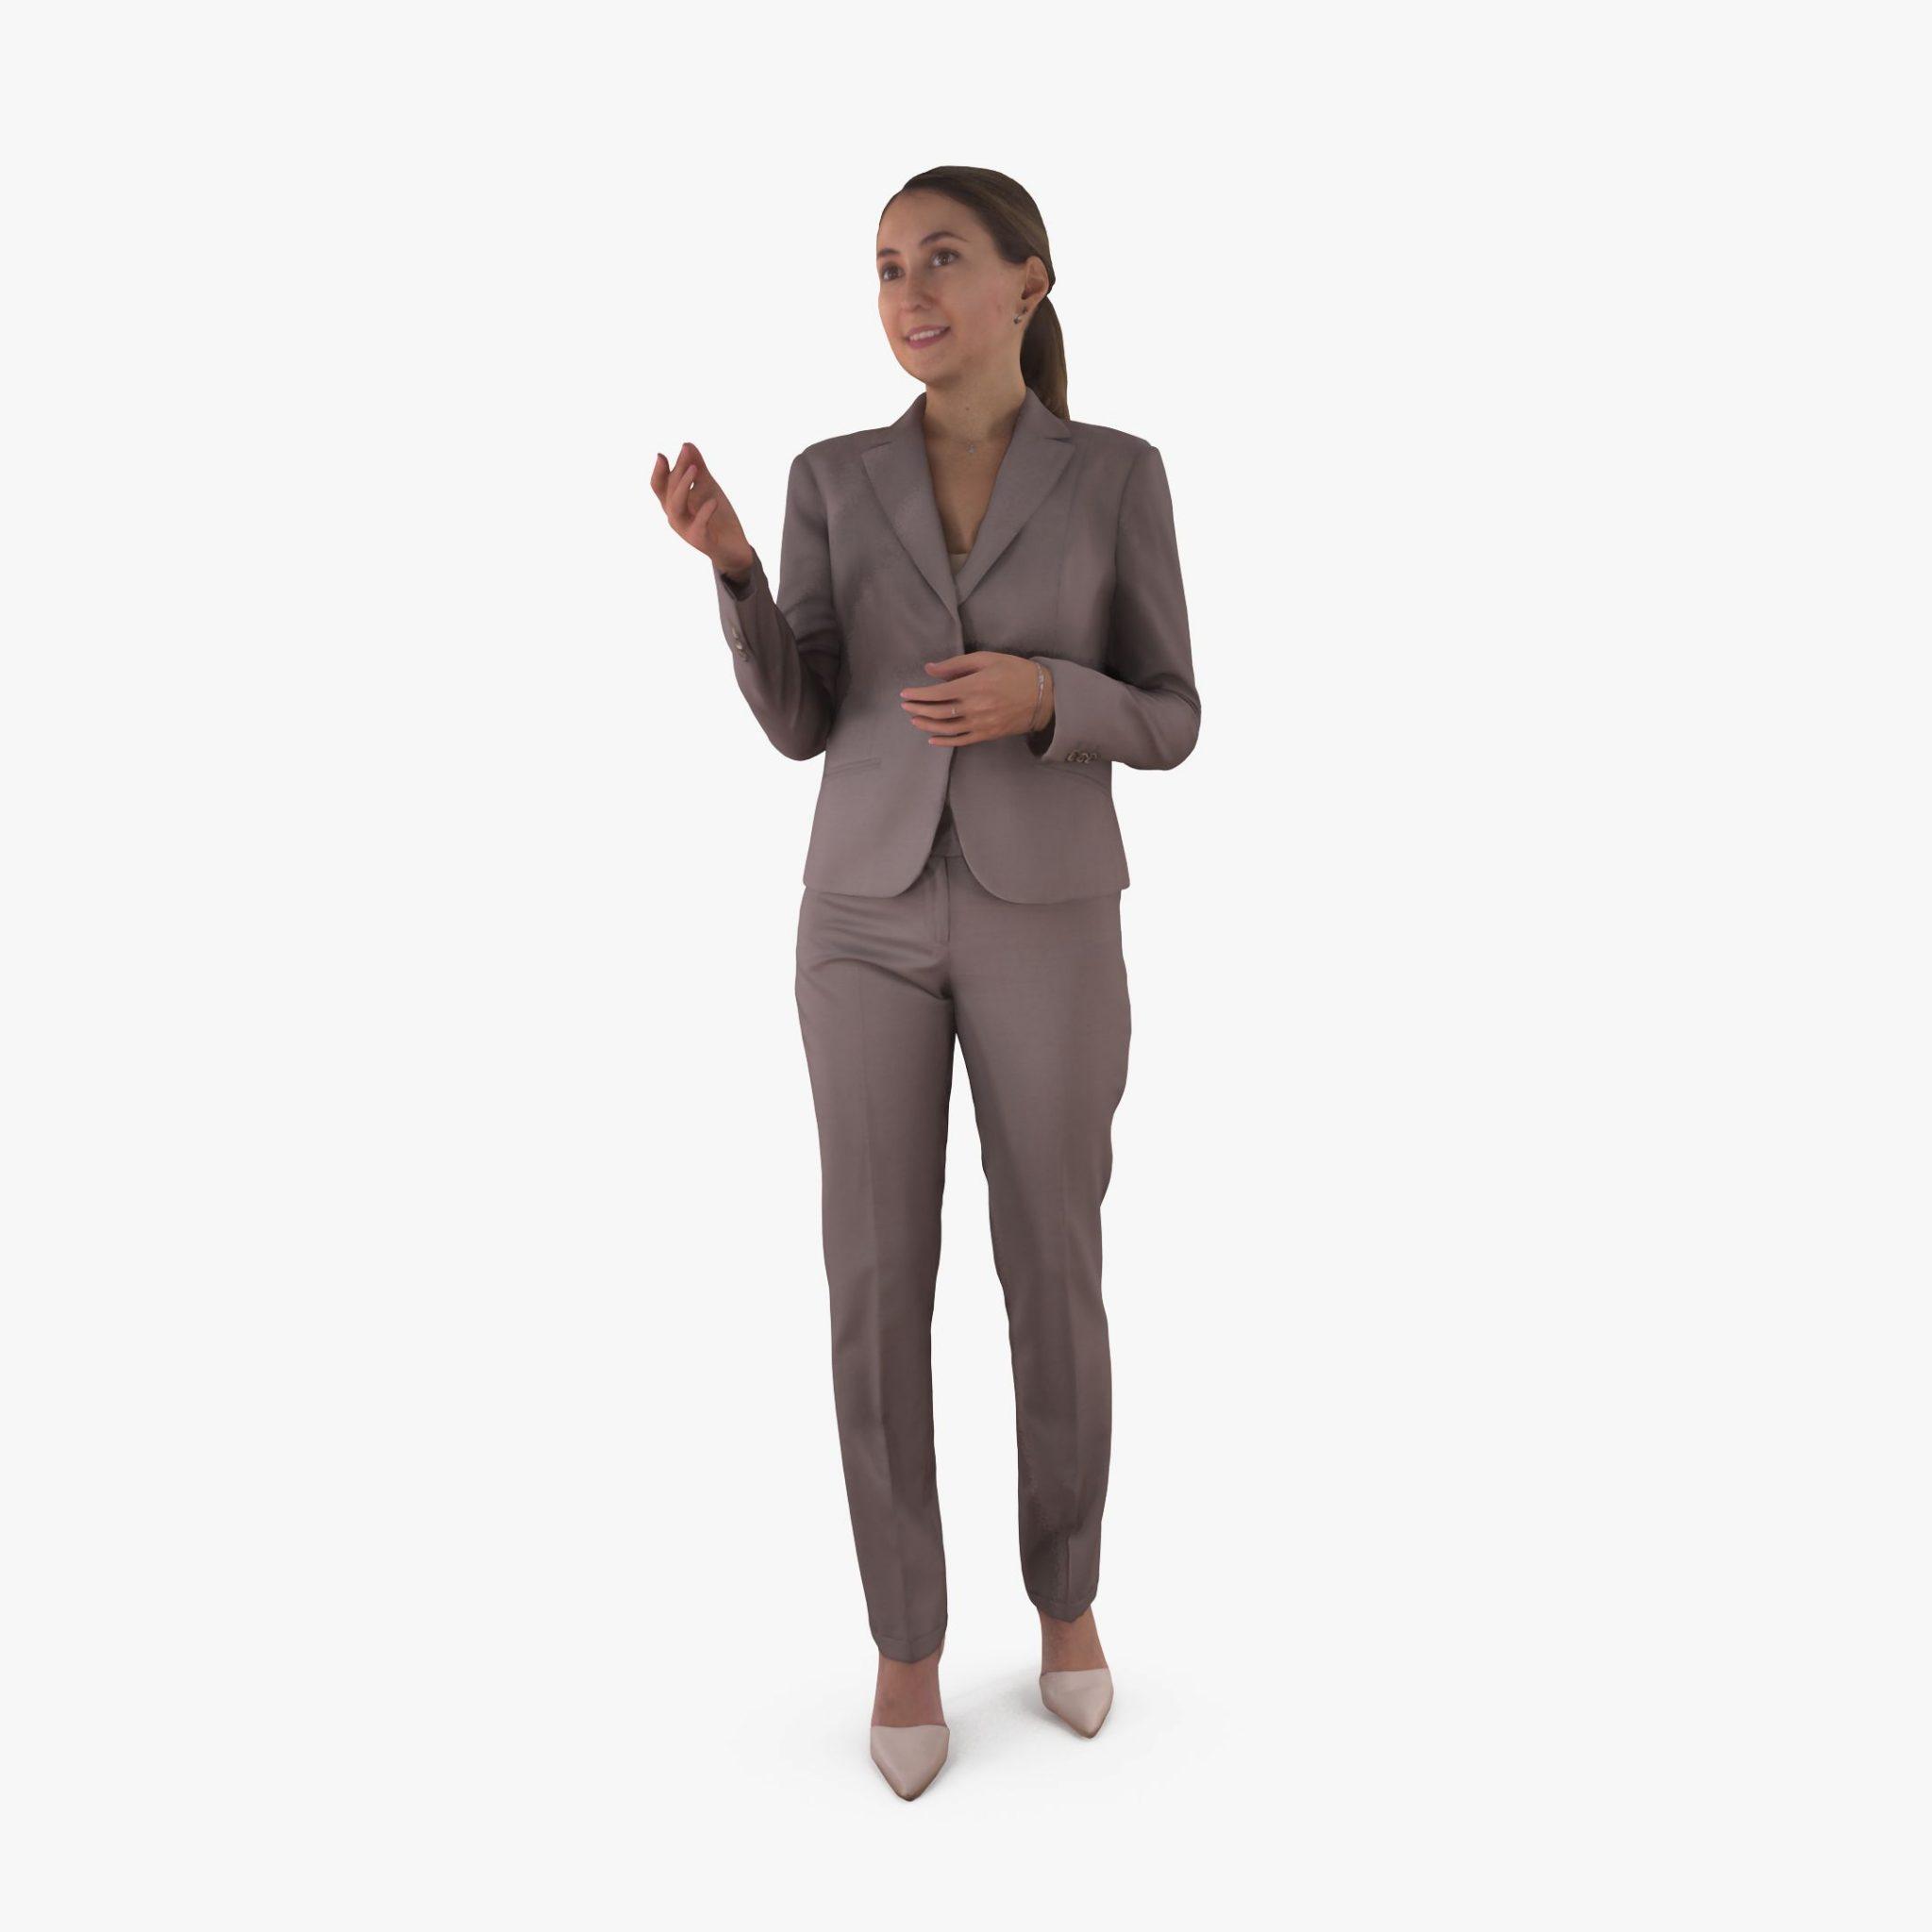 Business Woman Talking 3D Model | 3DTree Scanning Studio